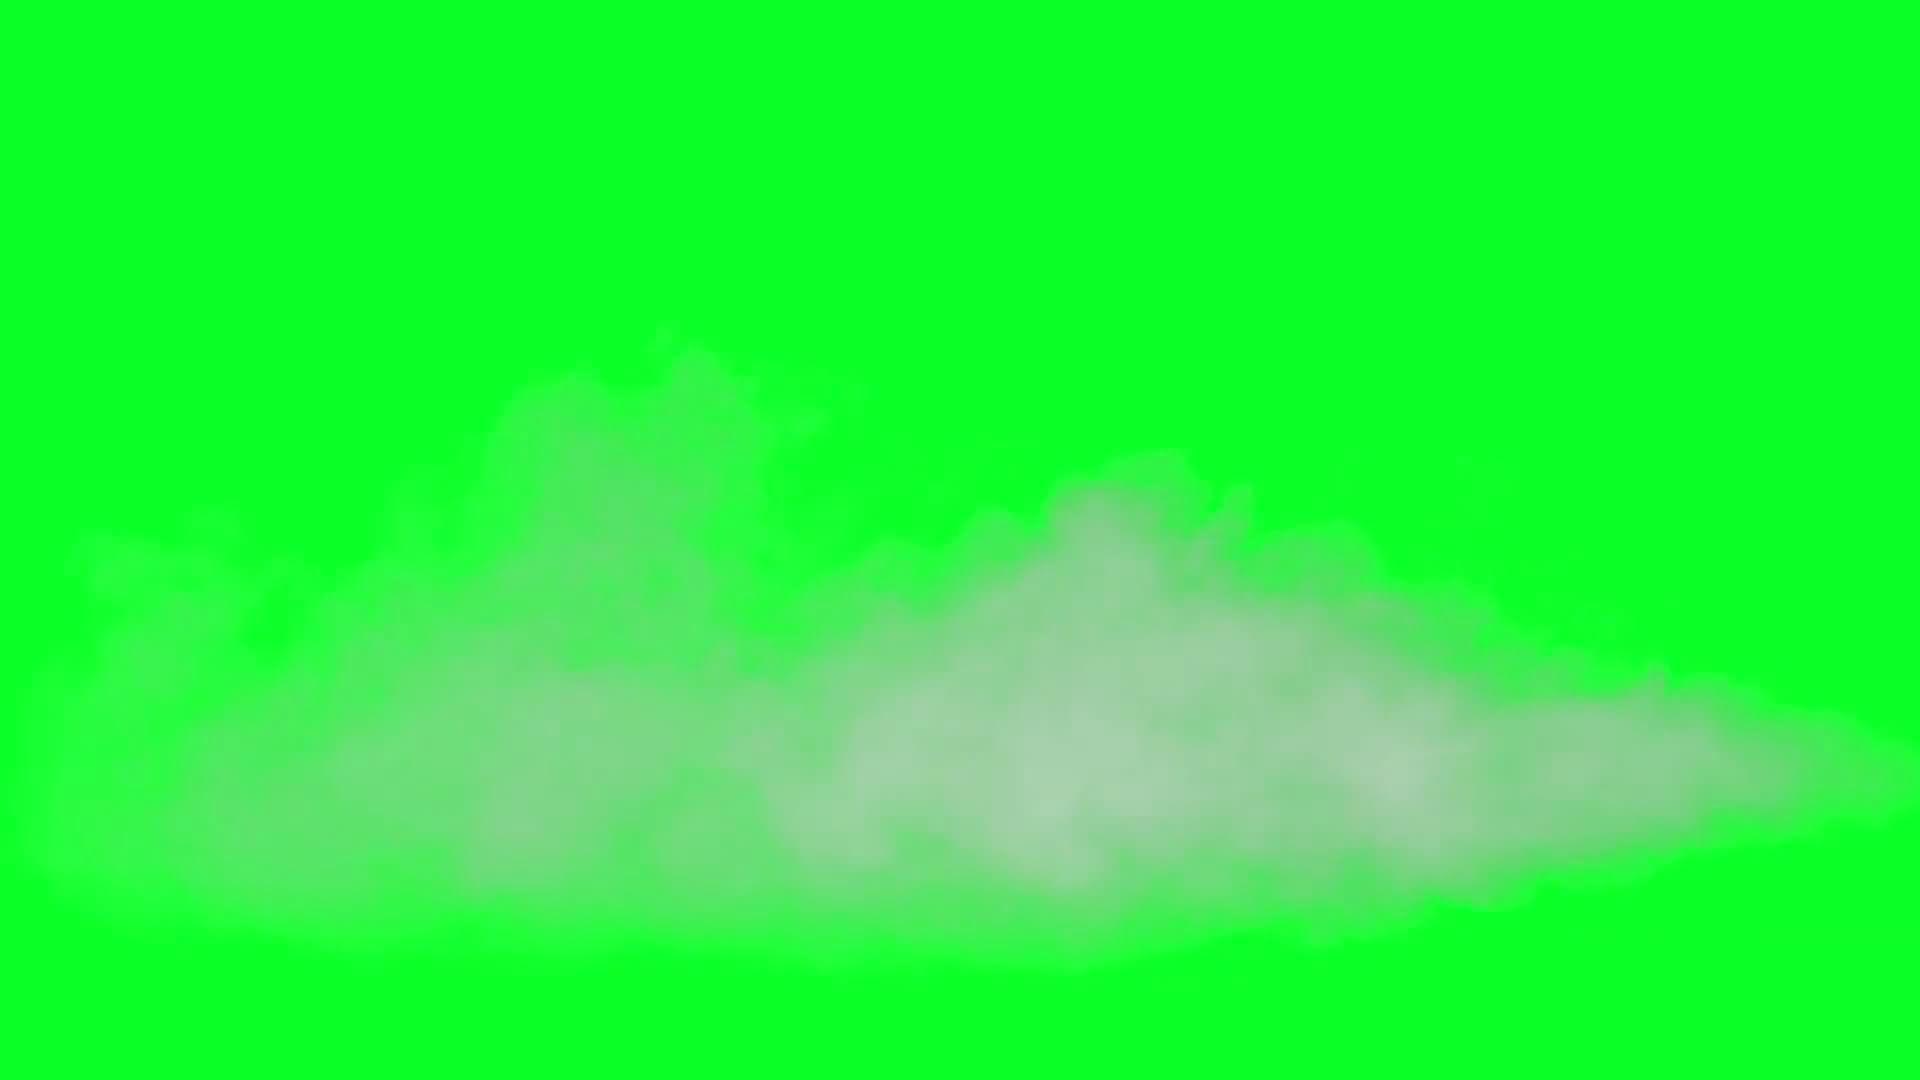 绿屏抠像舞台干冰烟雾视频素材